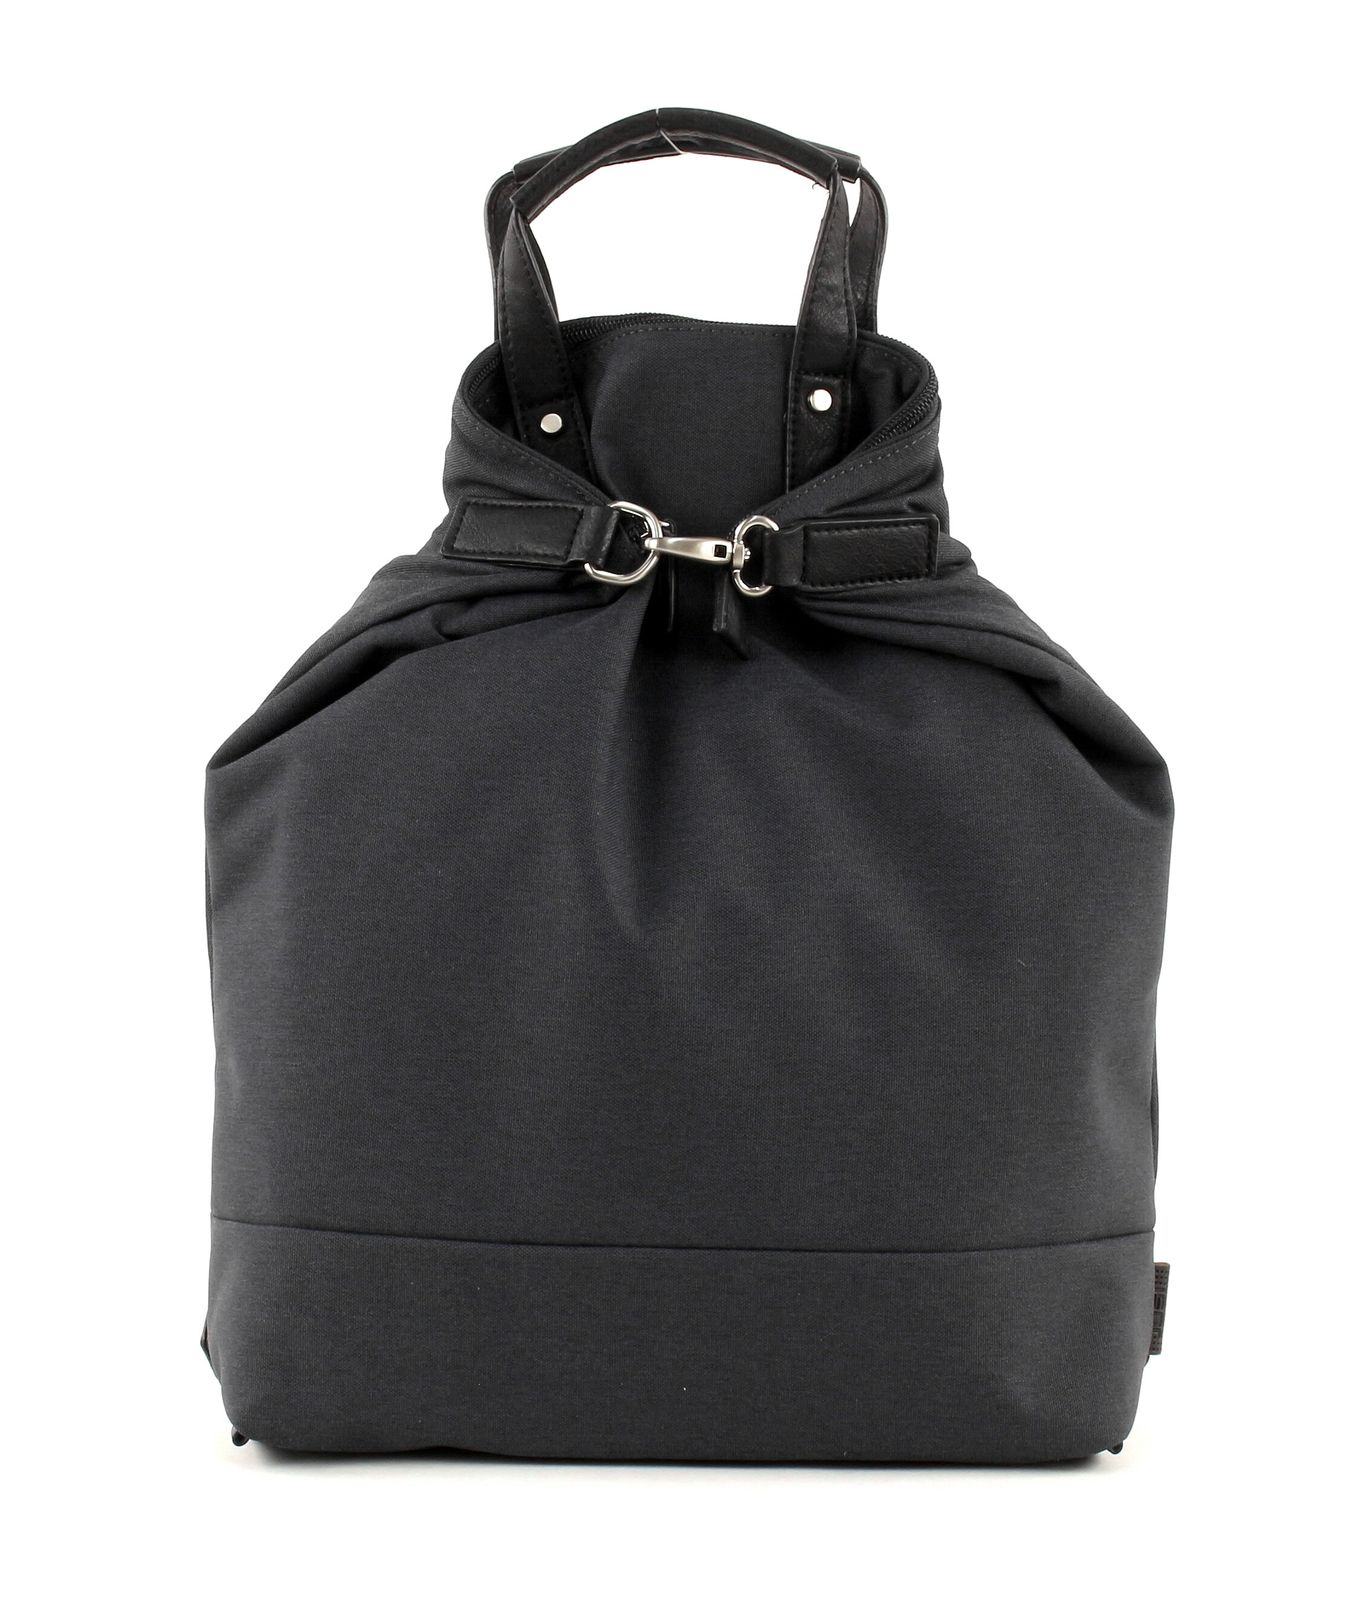 5ce4f23cf57b6 JOST Bergen X-Change Bag S Rucksack Umhängetasche Tasche Schwarz